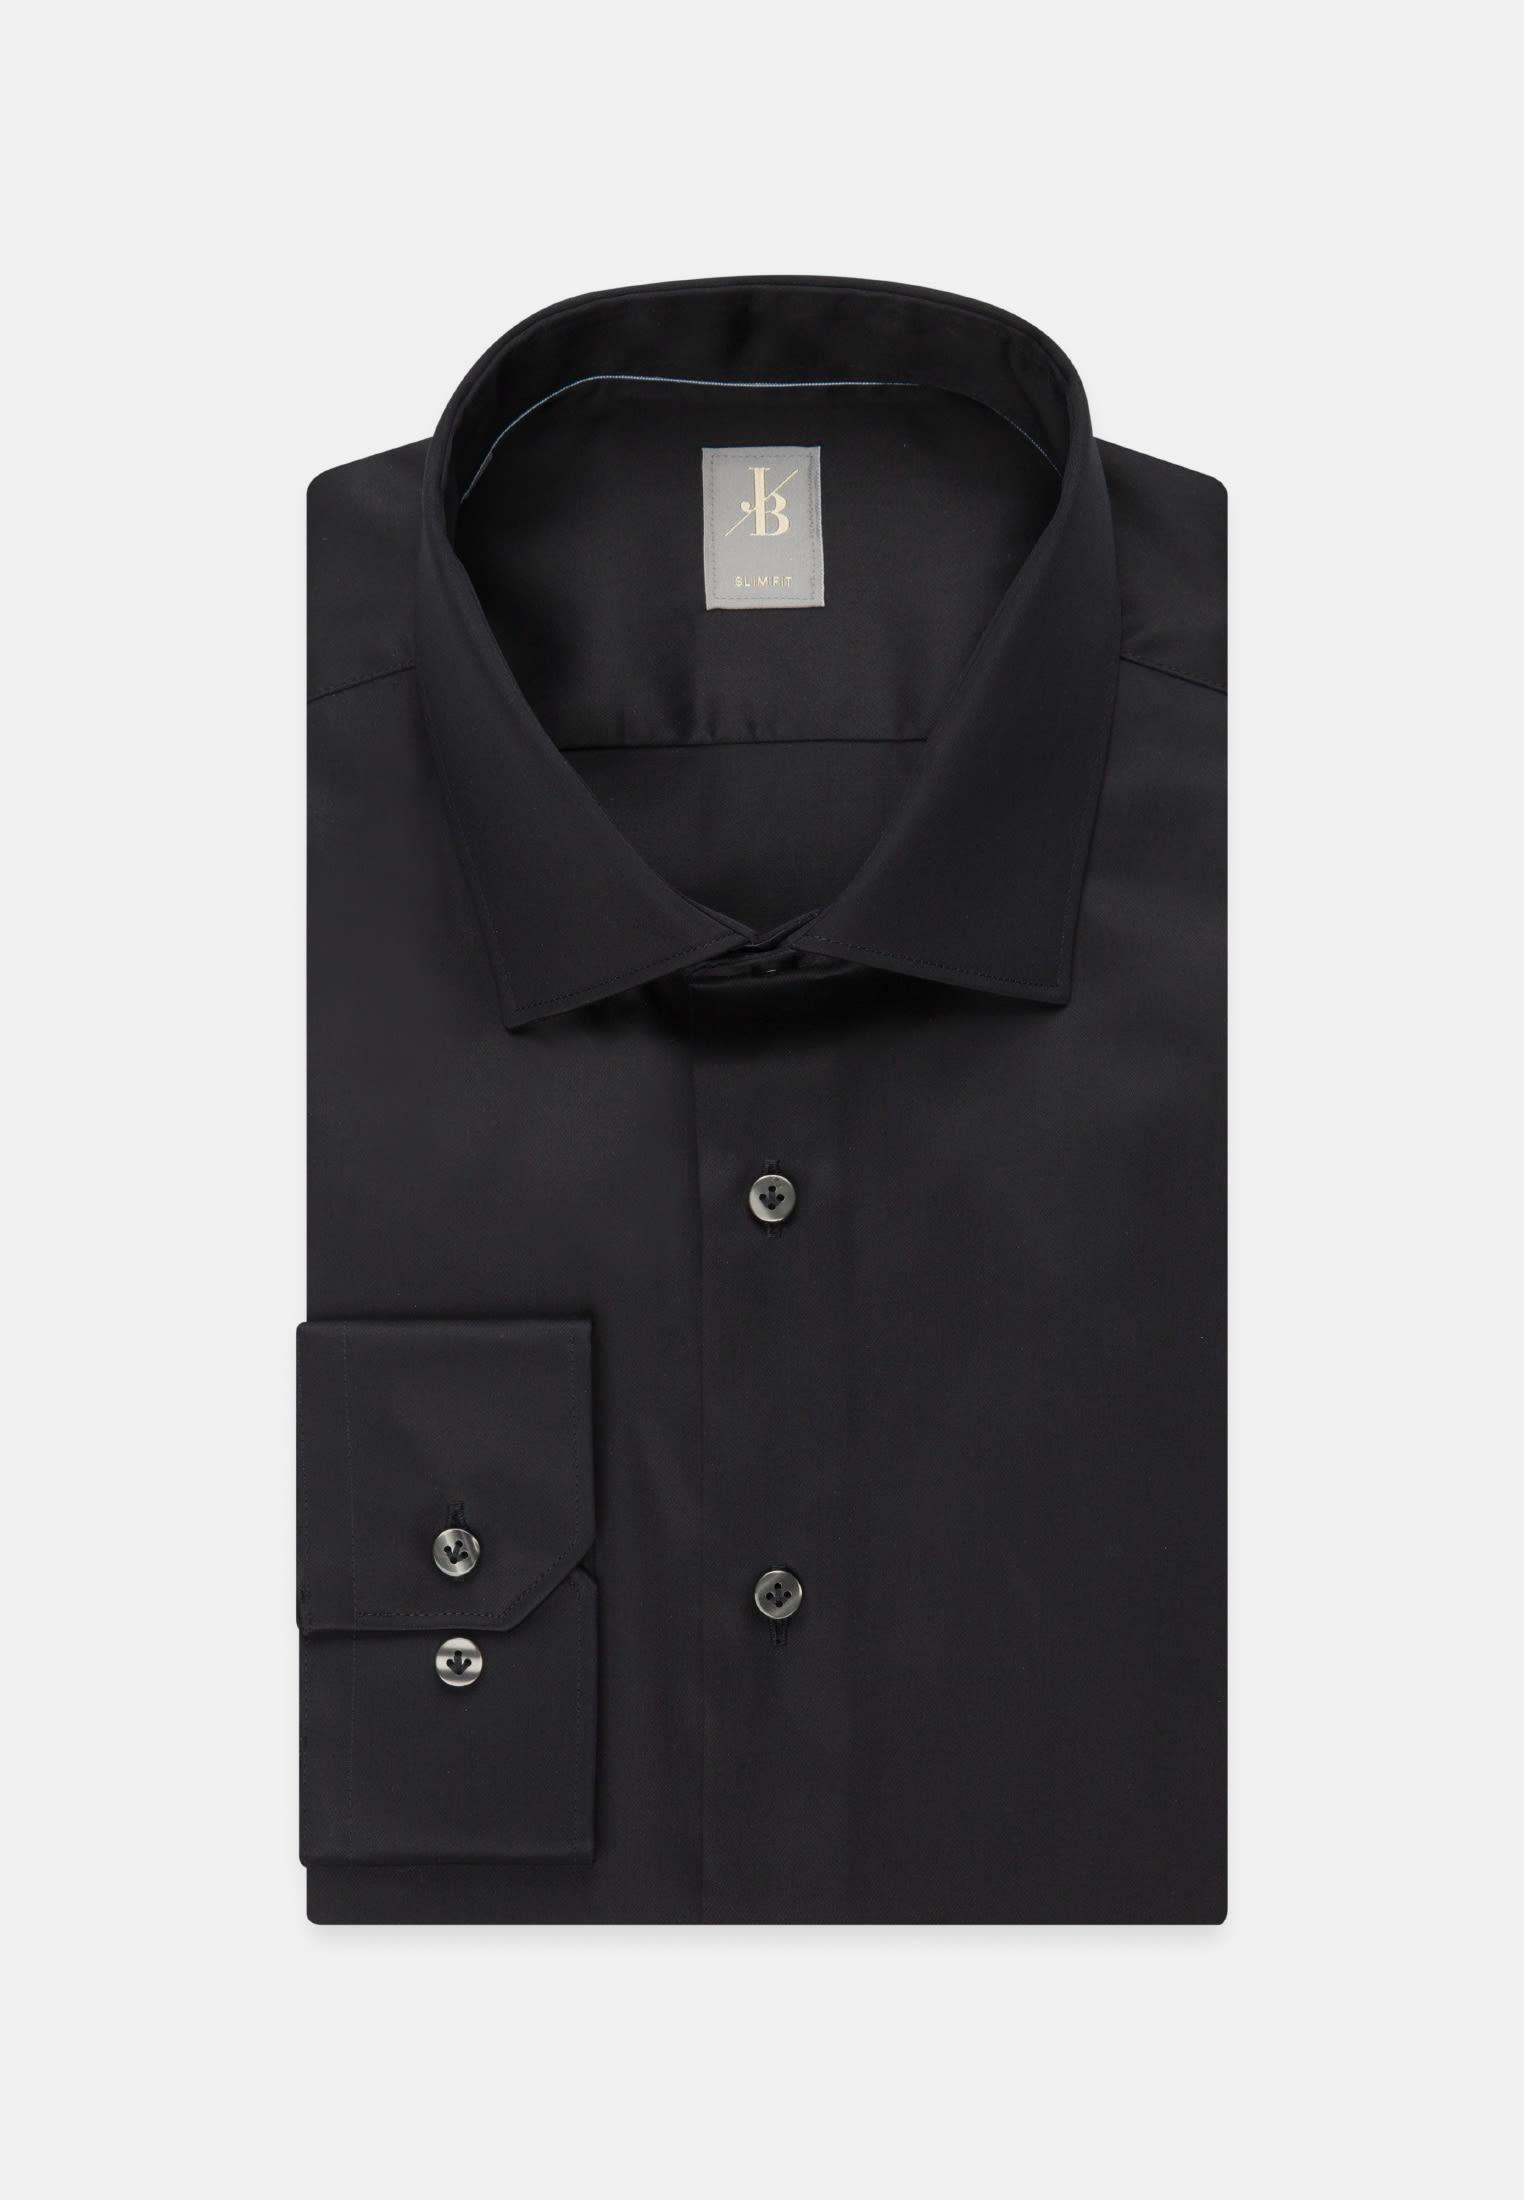 Satin Business Hemd in Slim Fit mit Kentkragen in Schwarz |  Jacques Britt Onlineshop